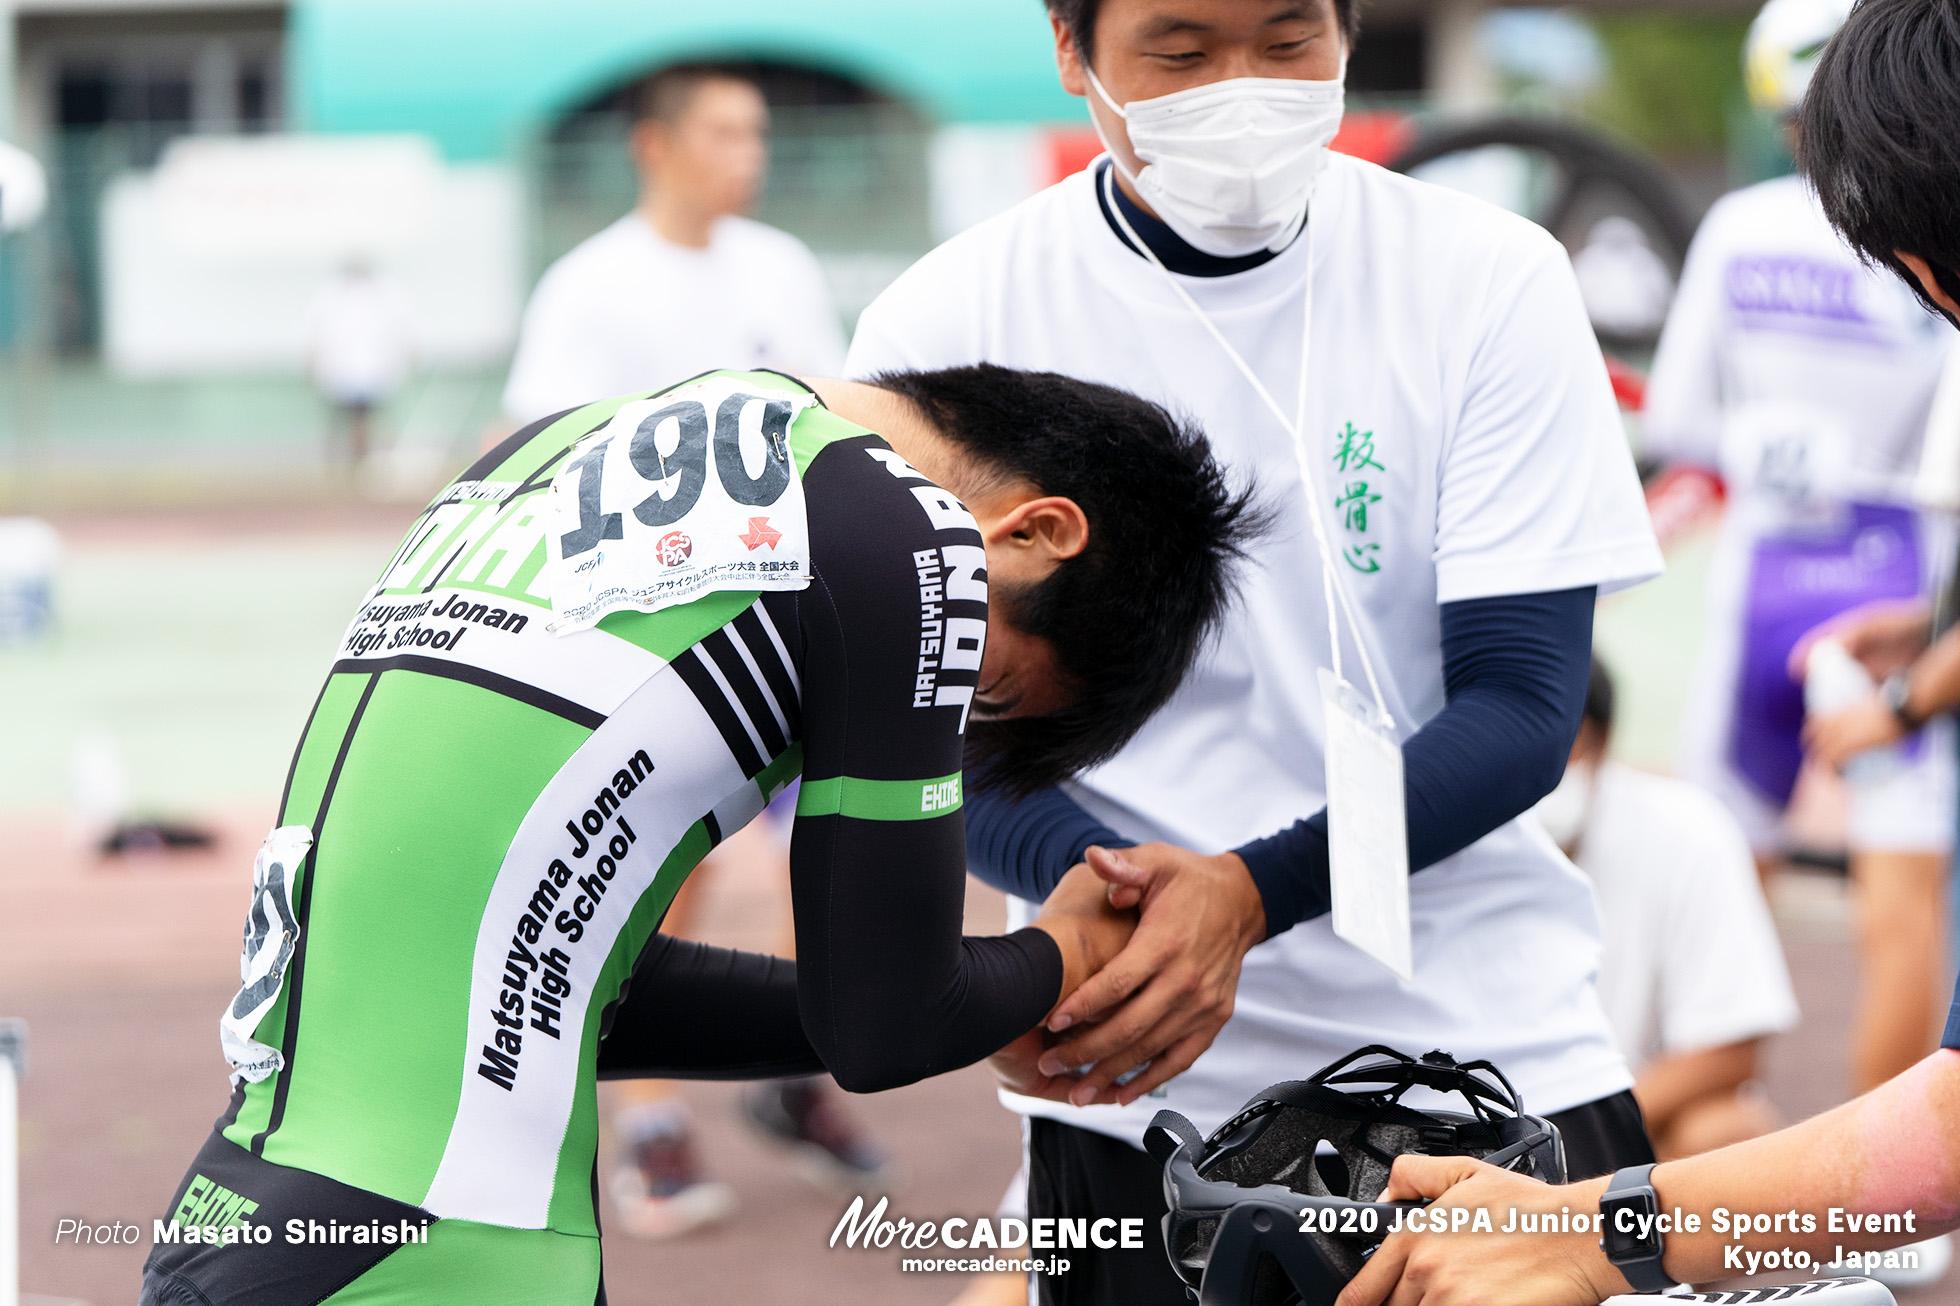 佐藤壮志(松山城南) ジュニアサイクルスポーツ大会 スクラッチ